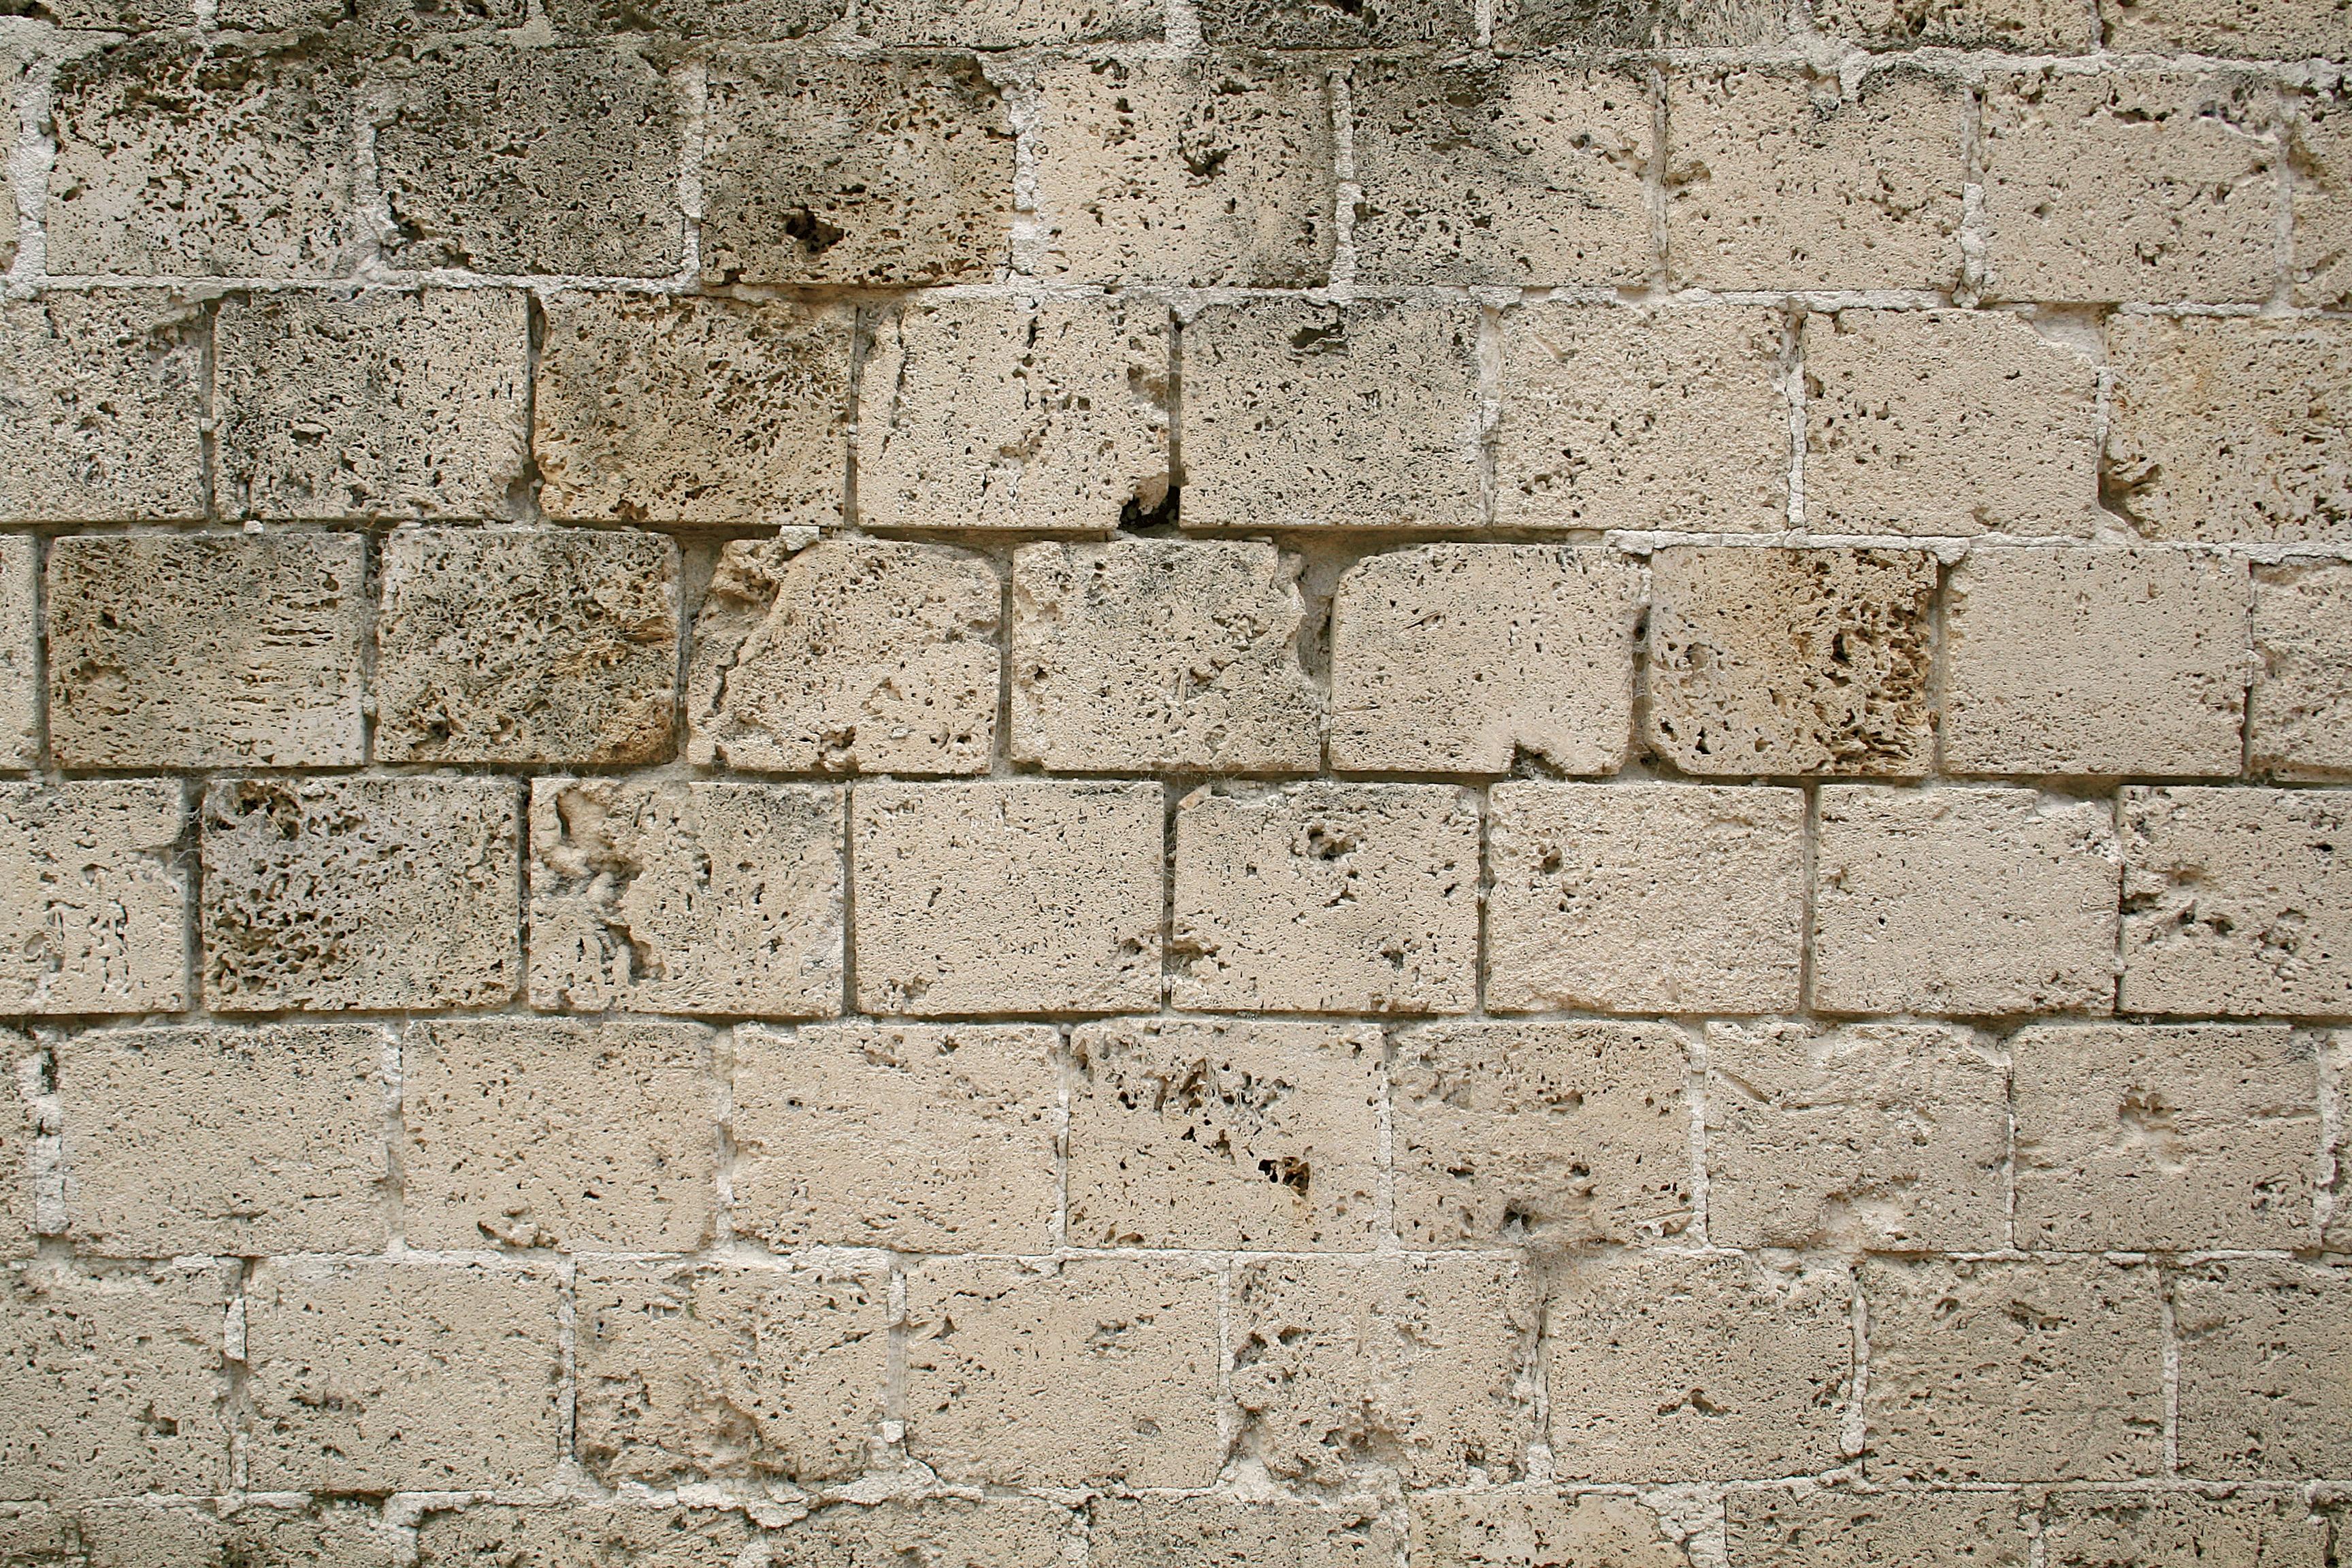 Rock Textur Stock Gebäude Mauer Stein Boden Steinwand Ziegel Material Farben  Hintergrund Mauerwerk Bodenbelag Straßenbelag Tuff